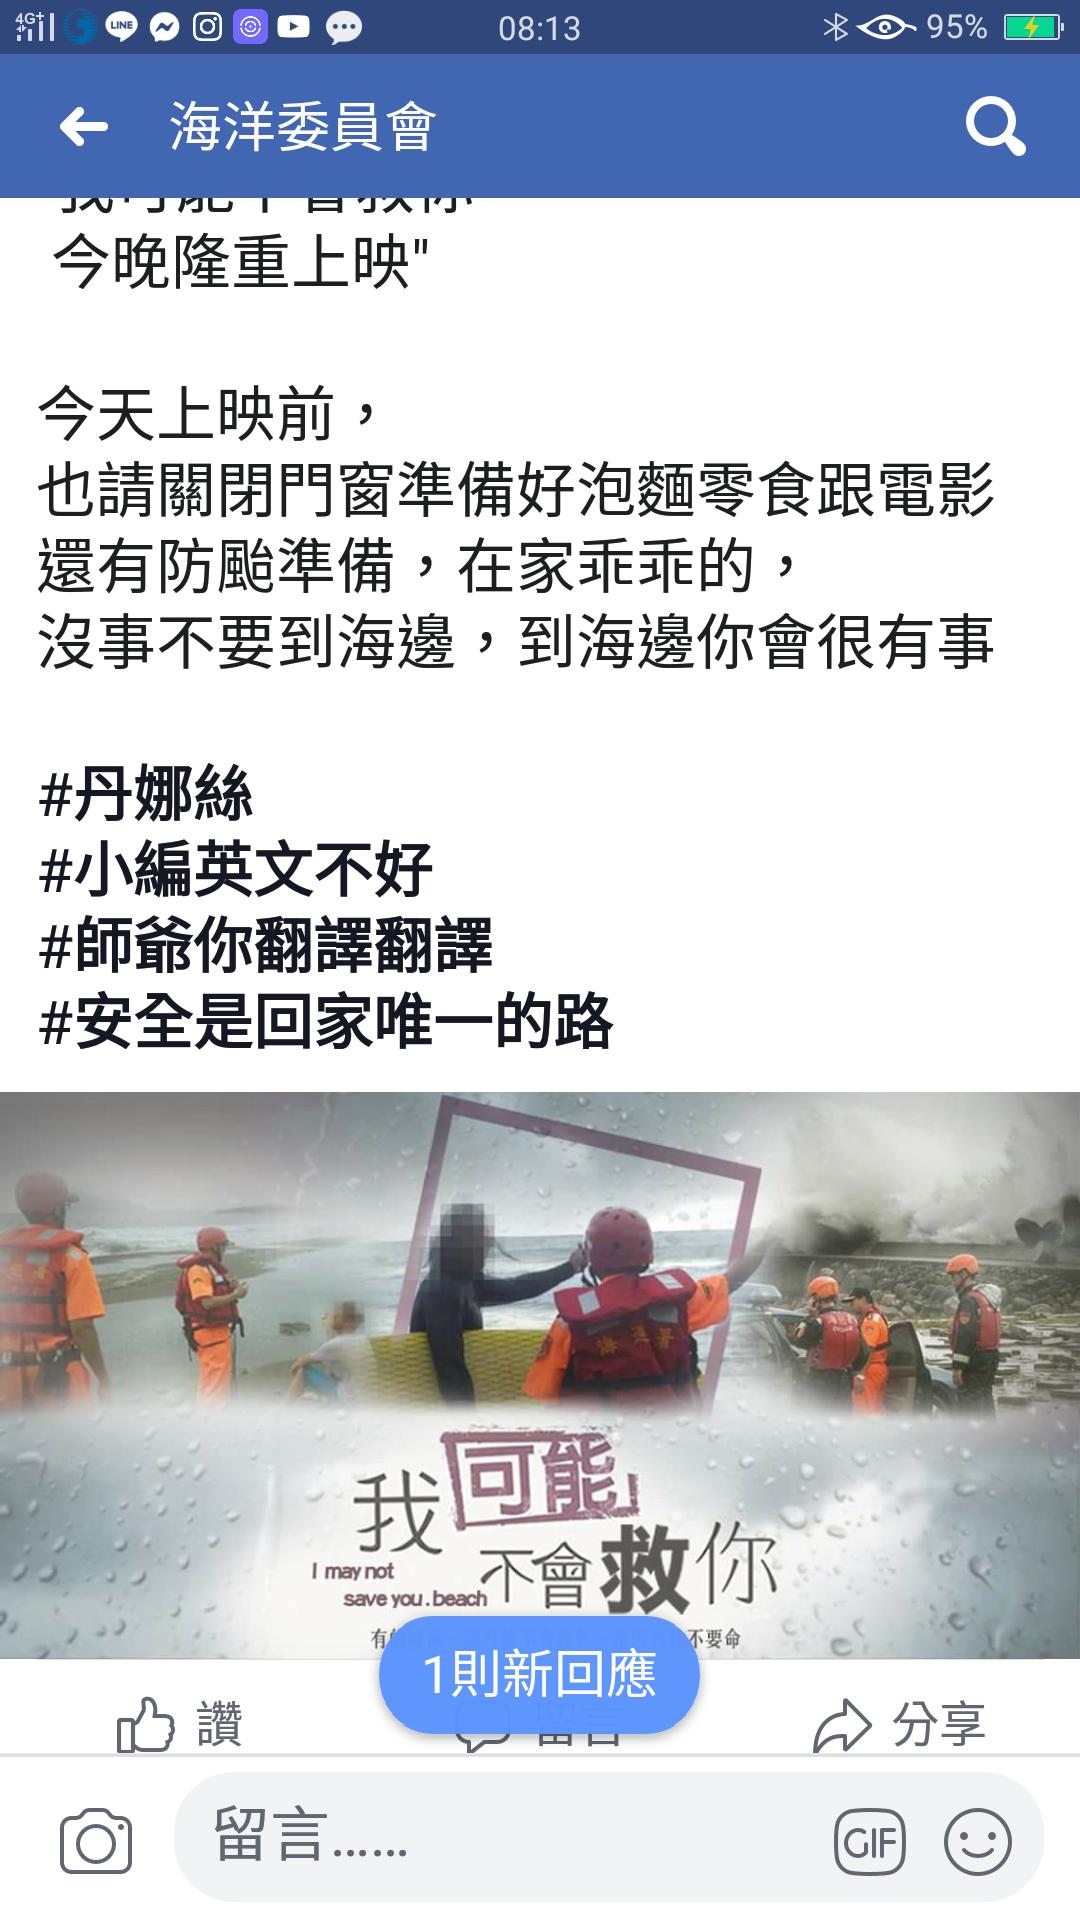 海洋委員會臉書昨晚一篇海上颱風警報發布後的善意提醒貼文,在衝浪圈引起大反彈。記者...